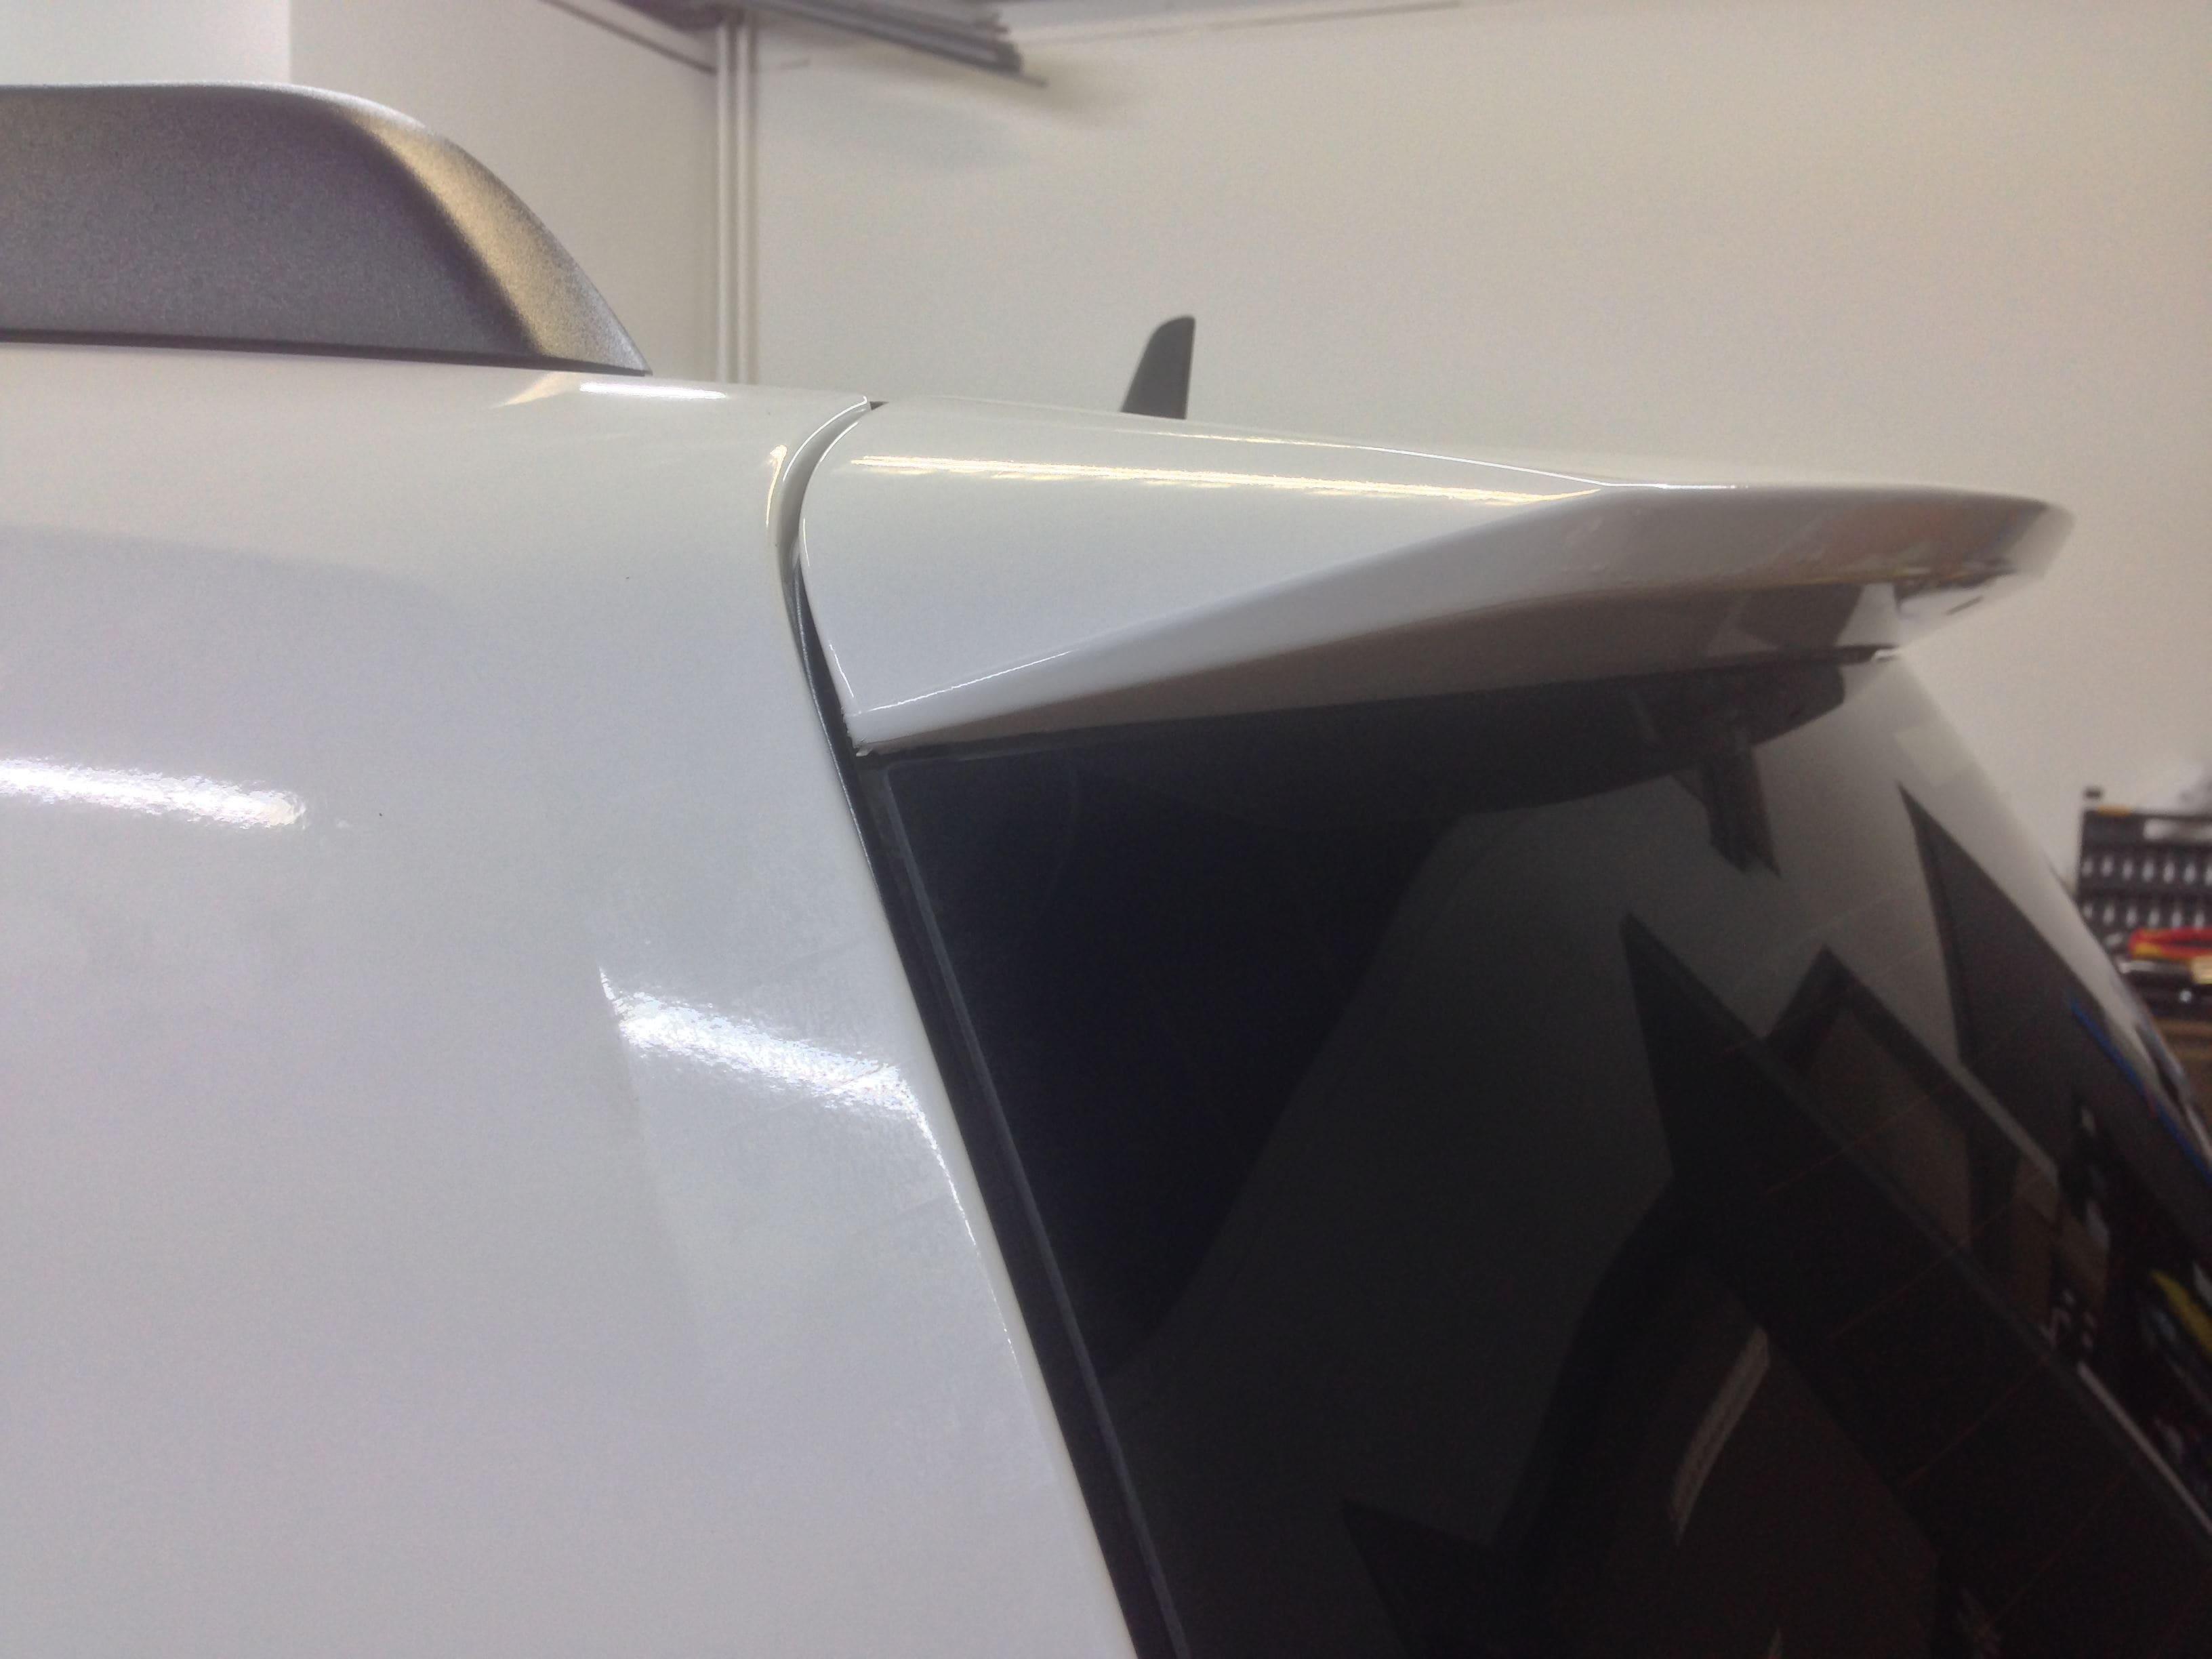 Mercedes GLK met Glossy White Wrap, Carwrapping door Wrapmyride.nu Foto-nr:6305, ©2021